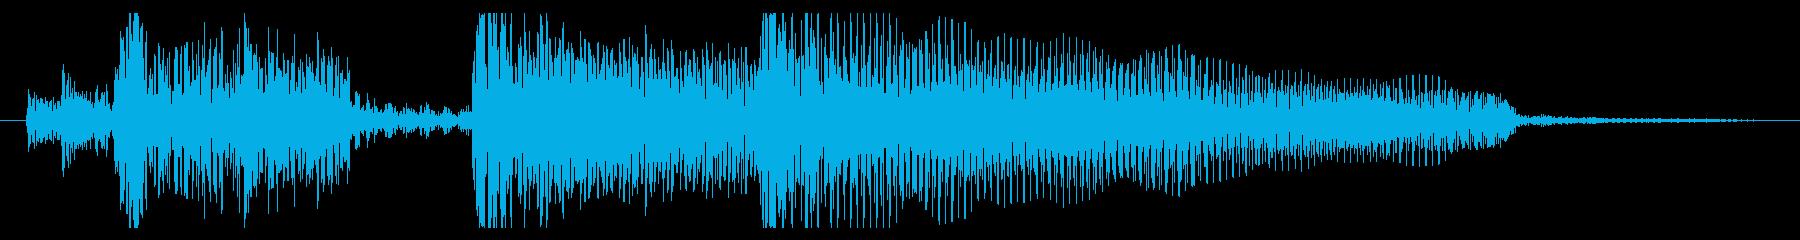 典型的なジャズ(明るめ約4秒)の再生済みの波形